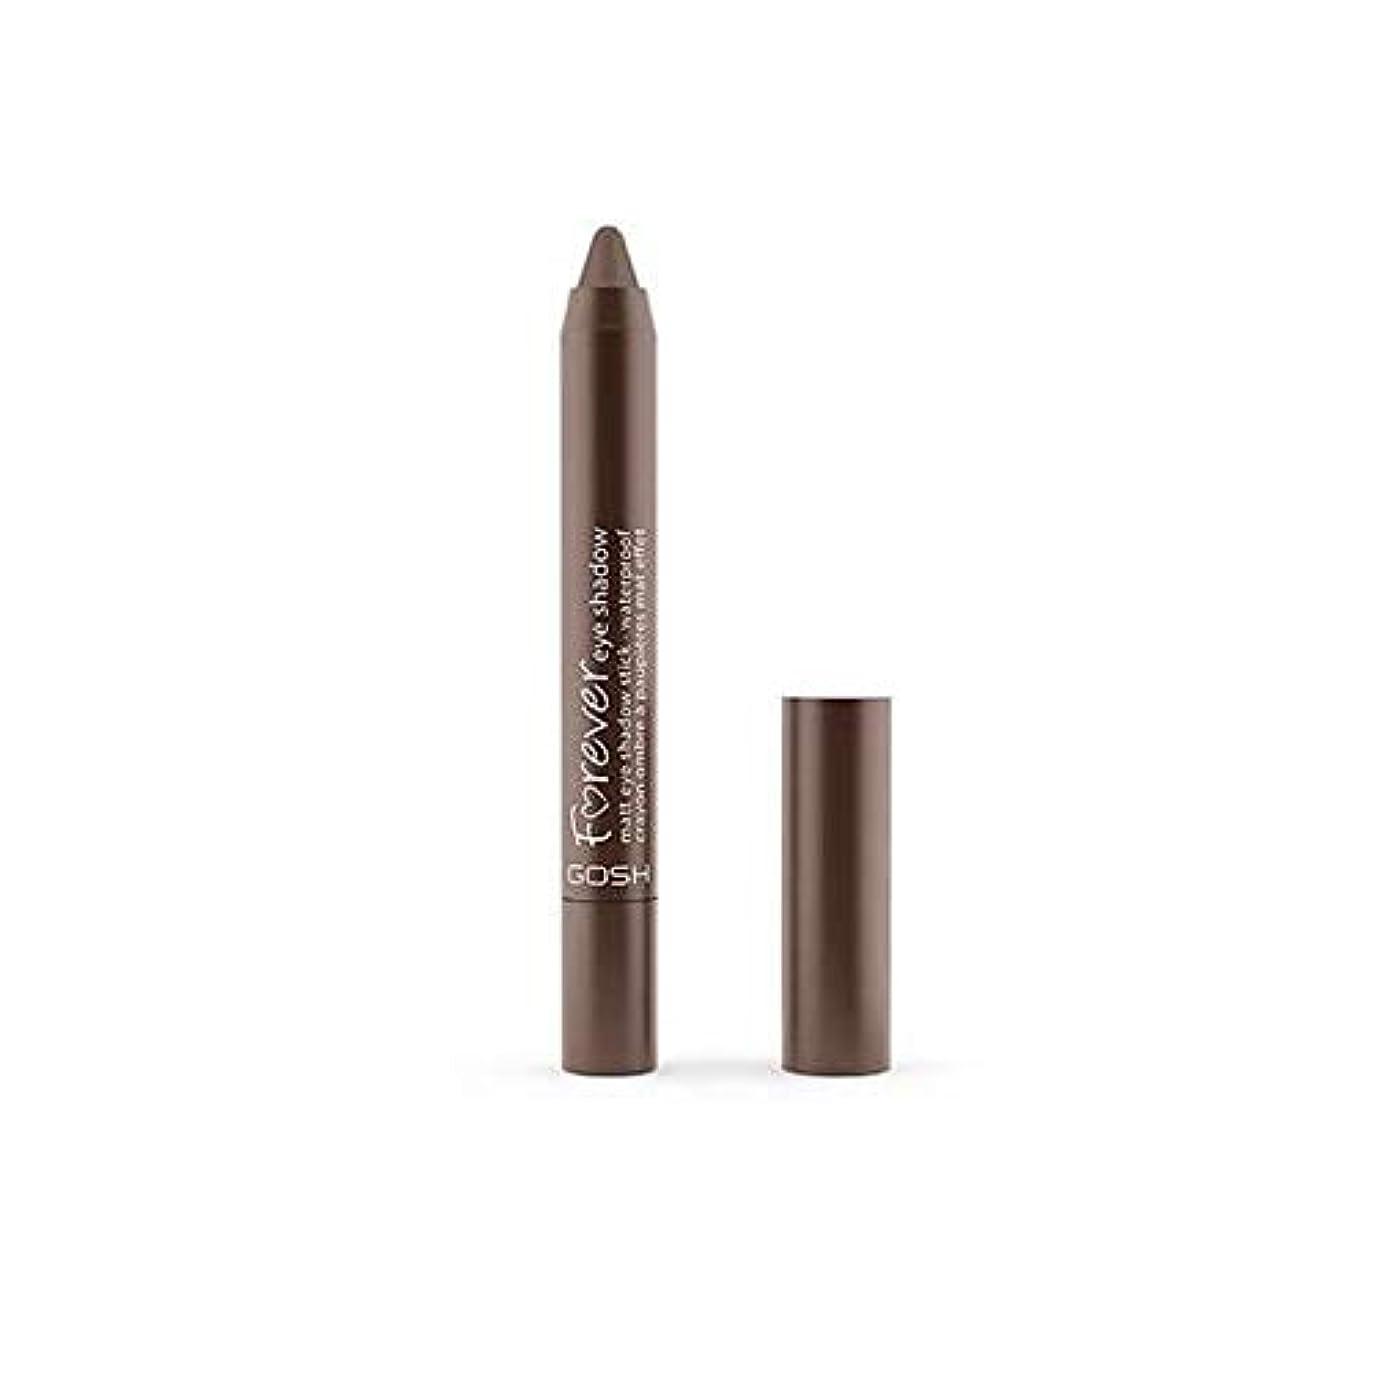 移民呼ぶデモンストレーション[GOSH ] おやっ永遠にシングルアイシャドウクレヨン11のD /ブラウン1.5グラムをマット - Gosh Forever Matte Single Eyeshadow Crayon 11 D/Brown 1.5G [並行輸入品]